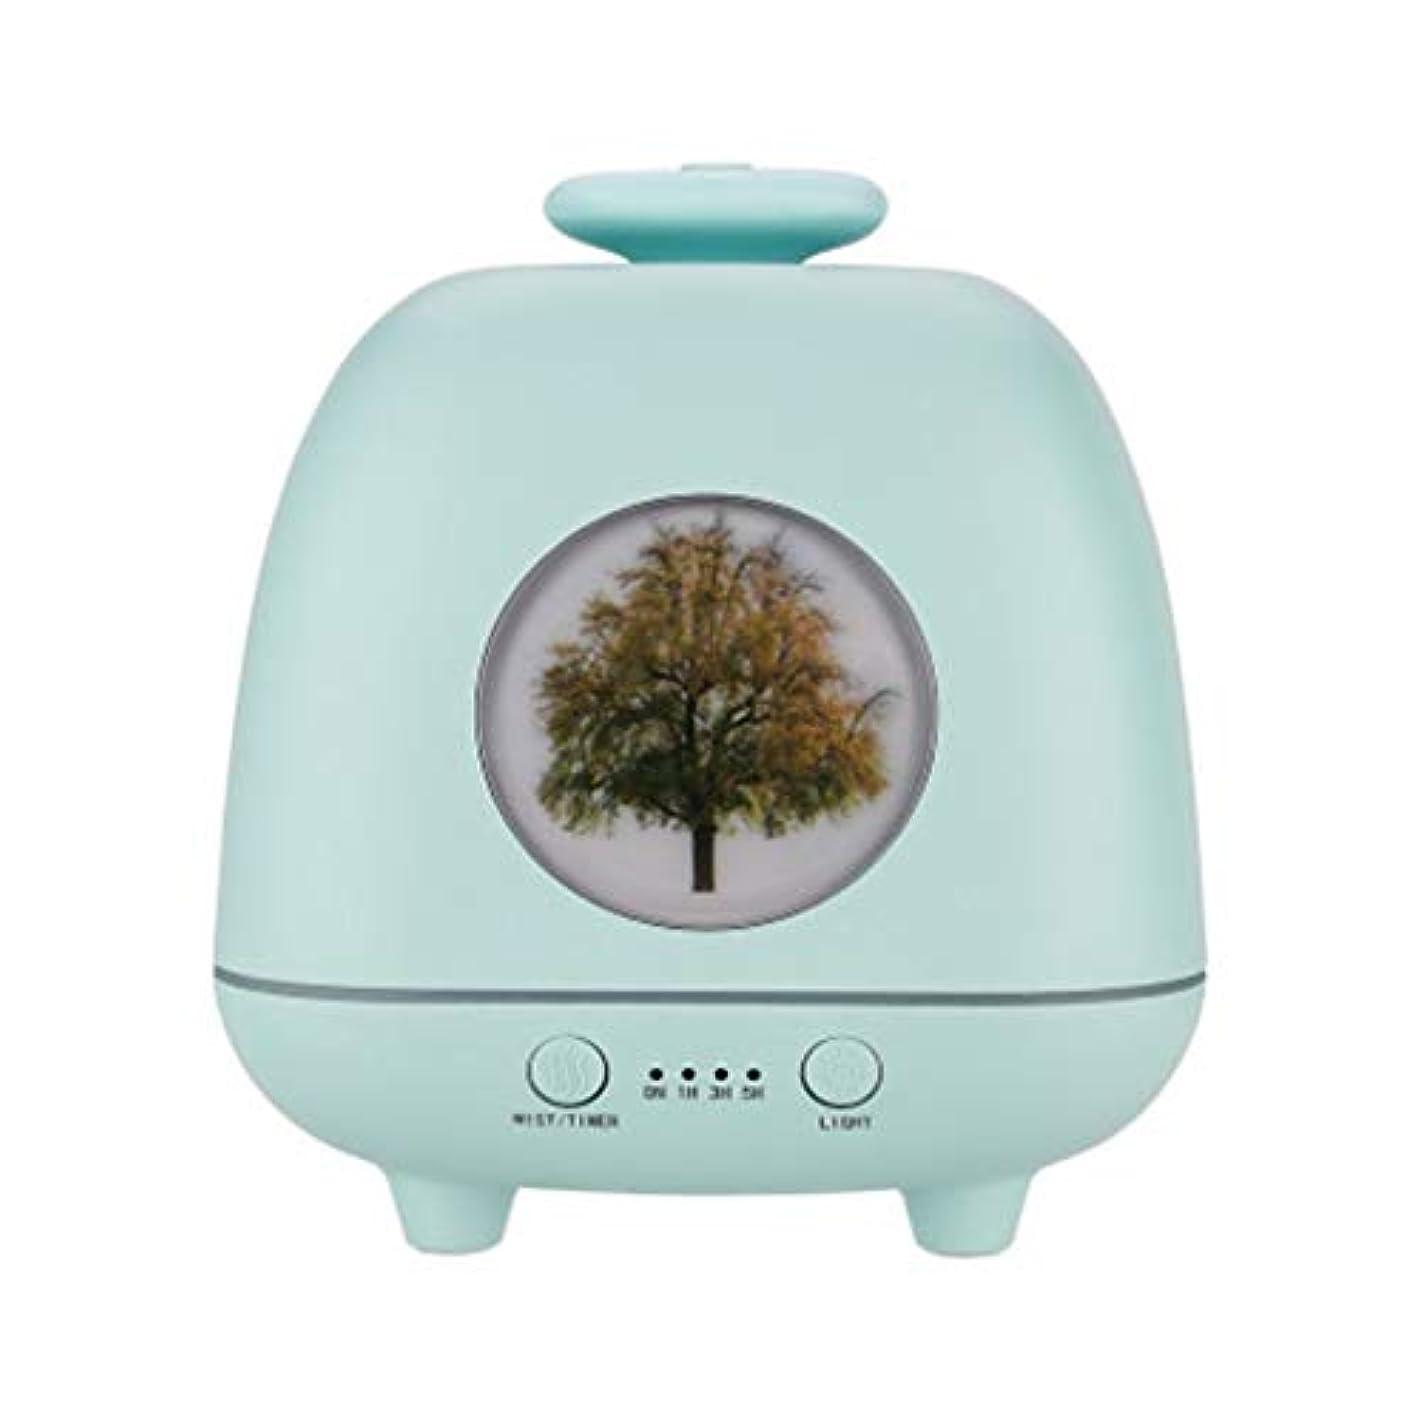 症候群警告桁超音波ホームデスクトップクリエイティブ雰囲気ナイトライト加湿器寝室の赤ちゃん女性の家の装飾 (Color : Green)